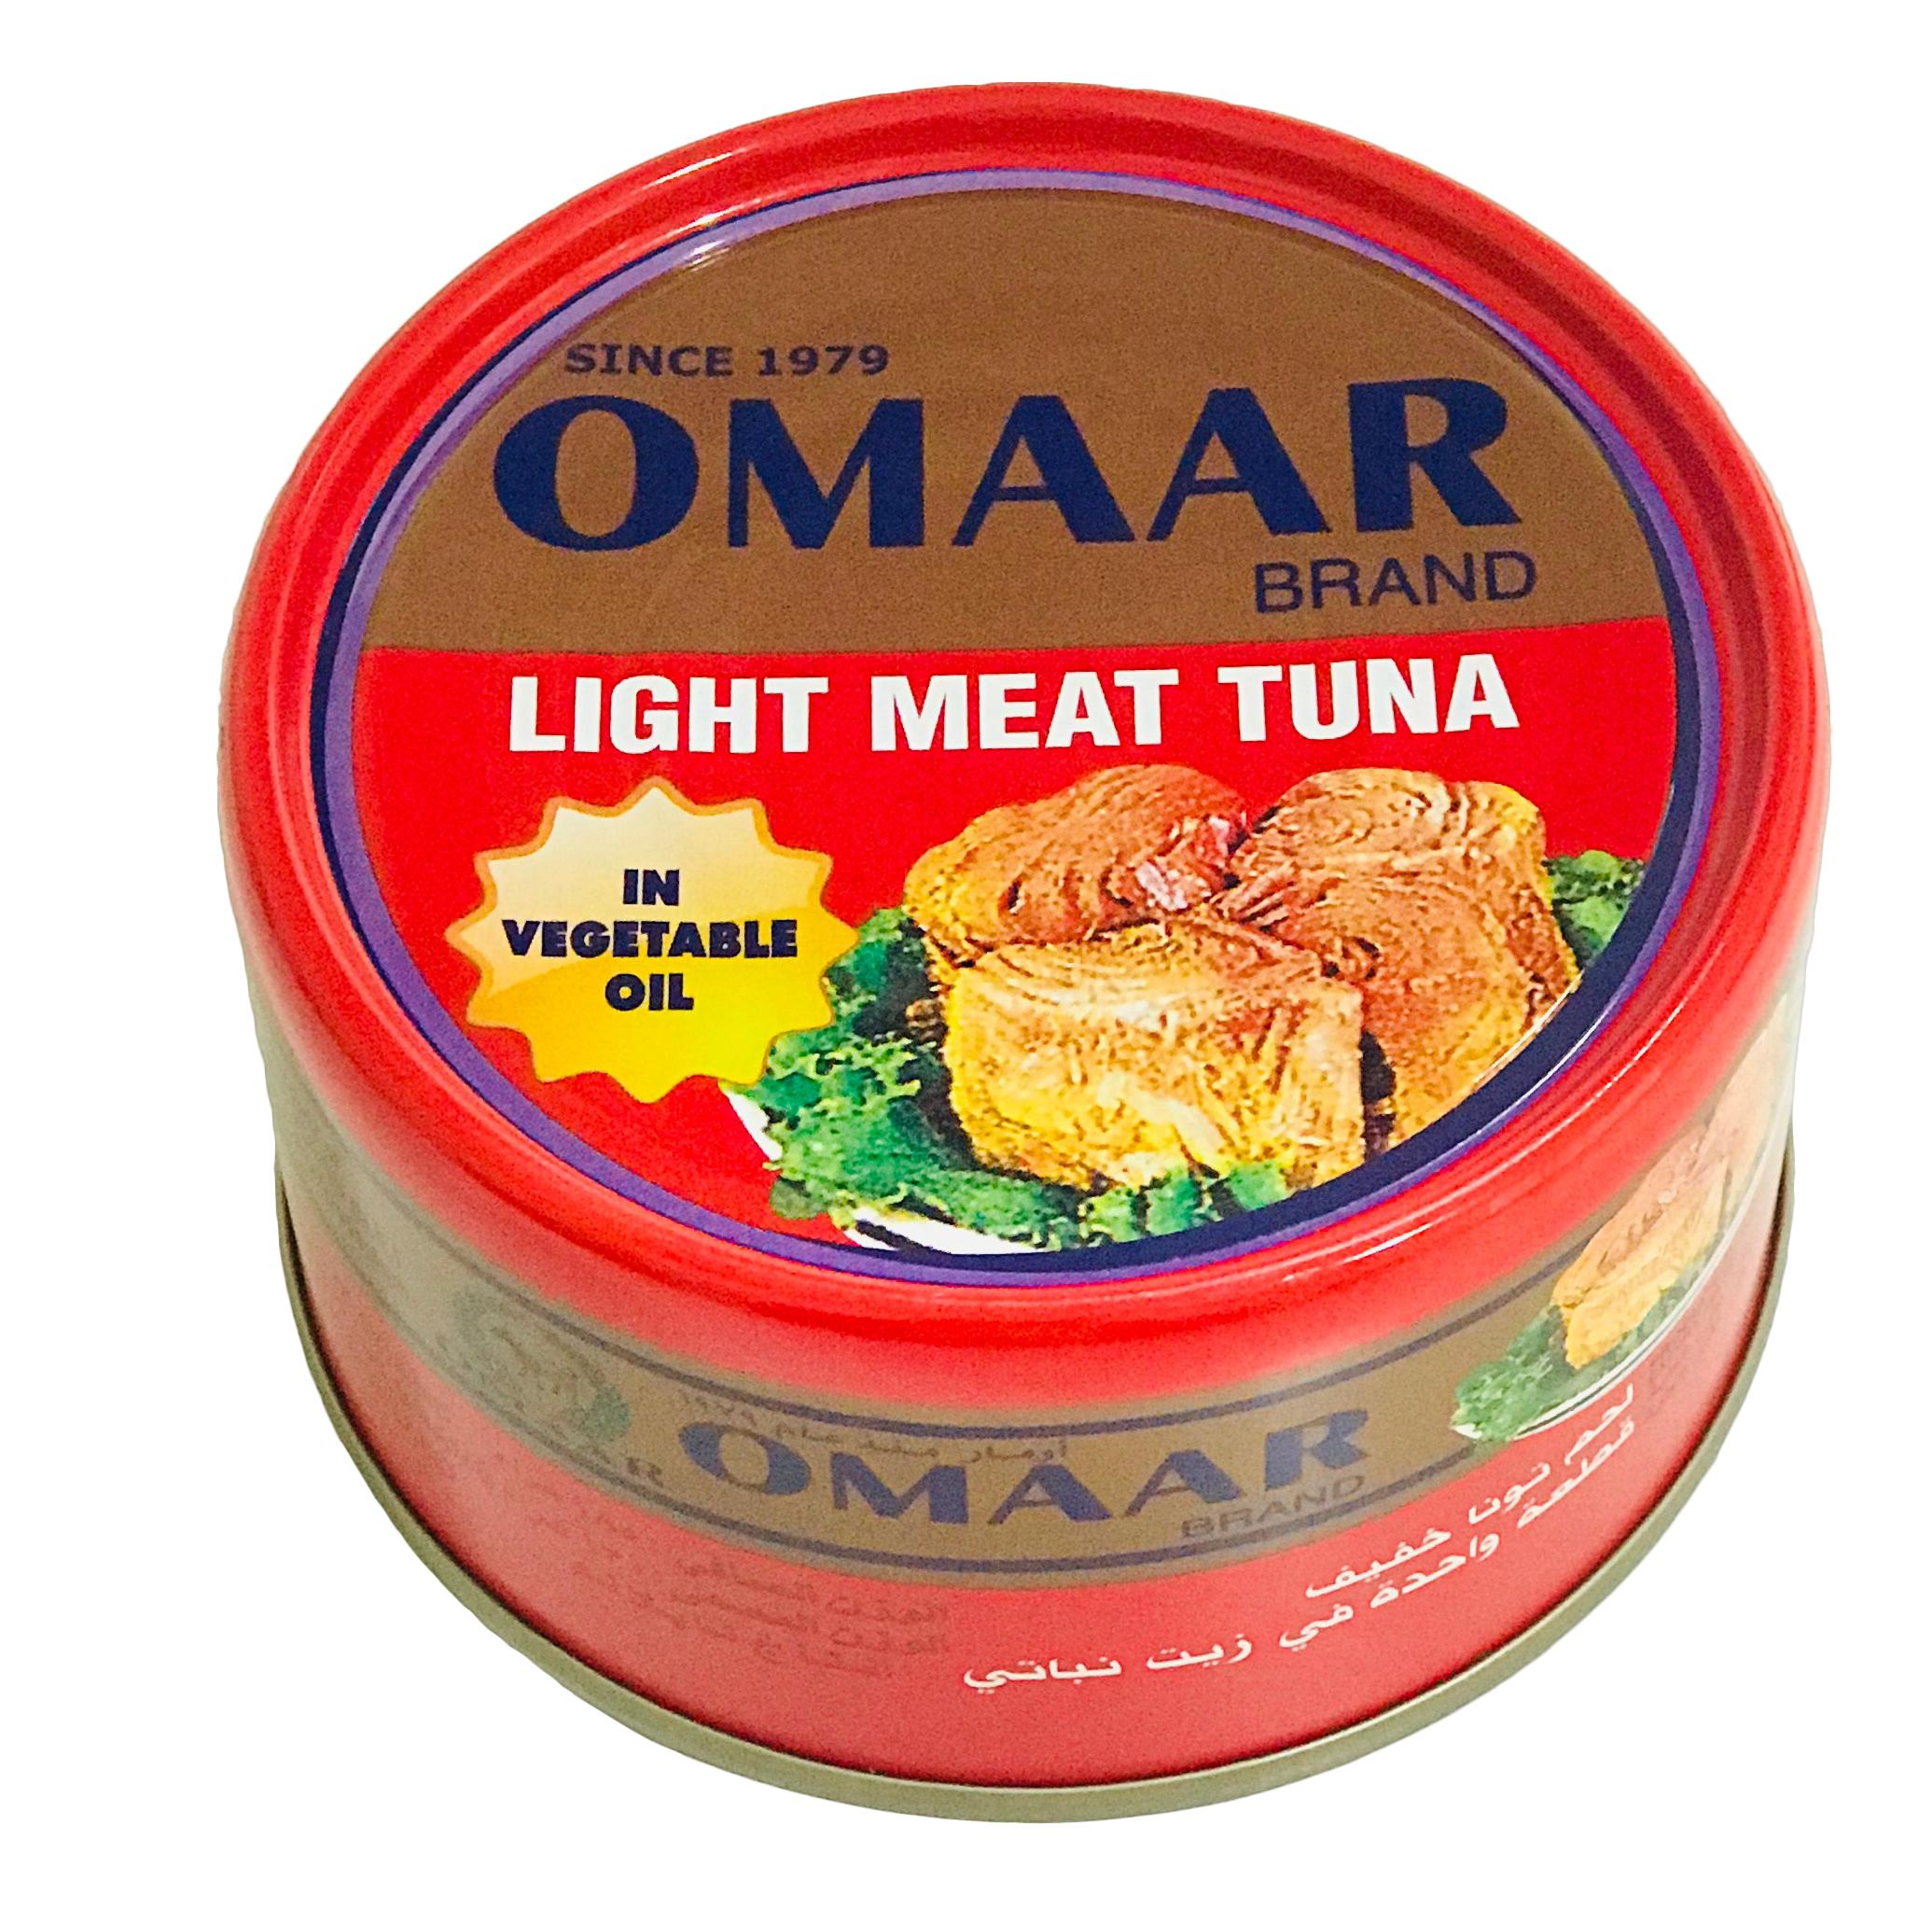 Solid tuna omaar 95 gm in veg. oil